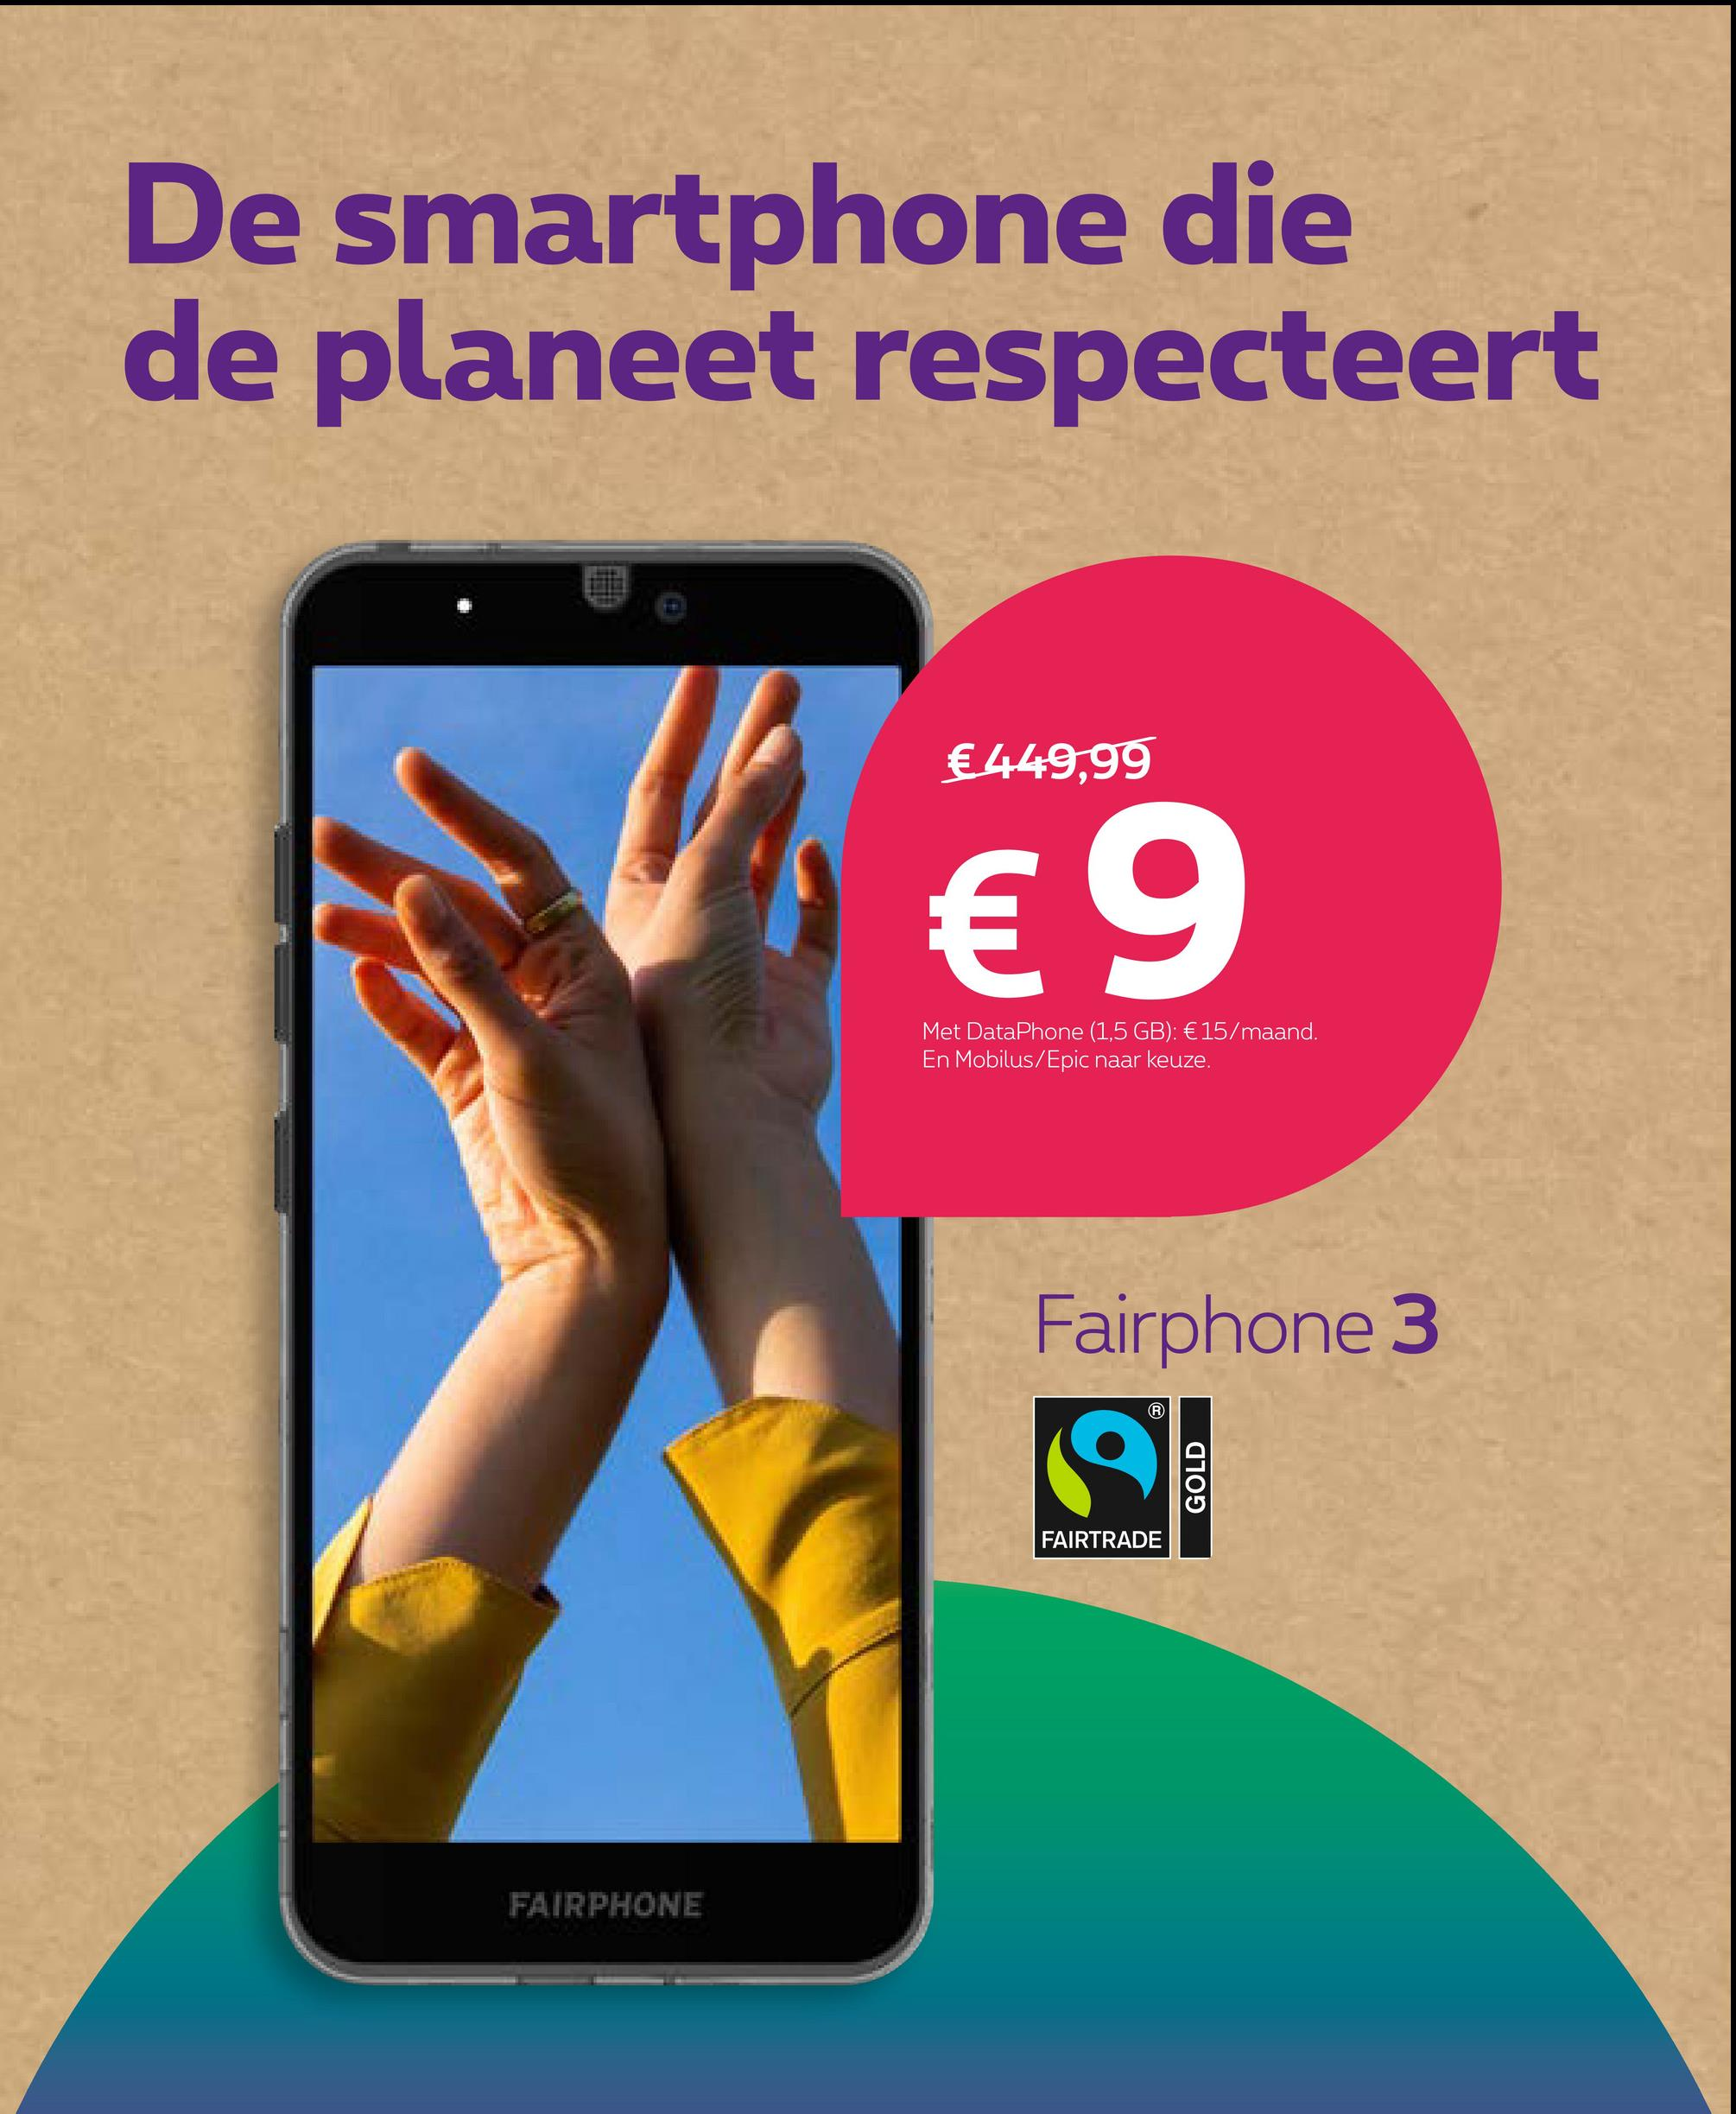 De smartphone die de planeet respecteert €449,99 € 9 Met DataPhone (1,5 GB): € 15/maand. En Mobilus/Epic naar keuze. Fairphone 3 GOLD FAIRTRADE FAIRPHONE